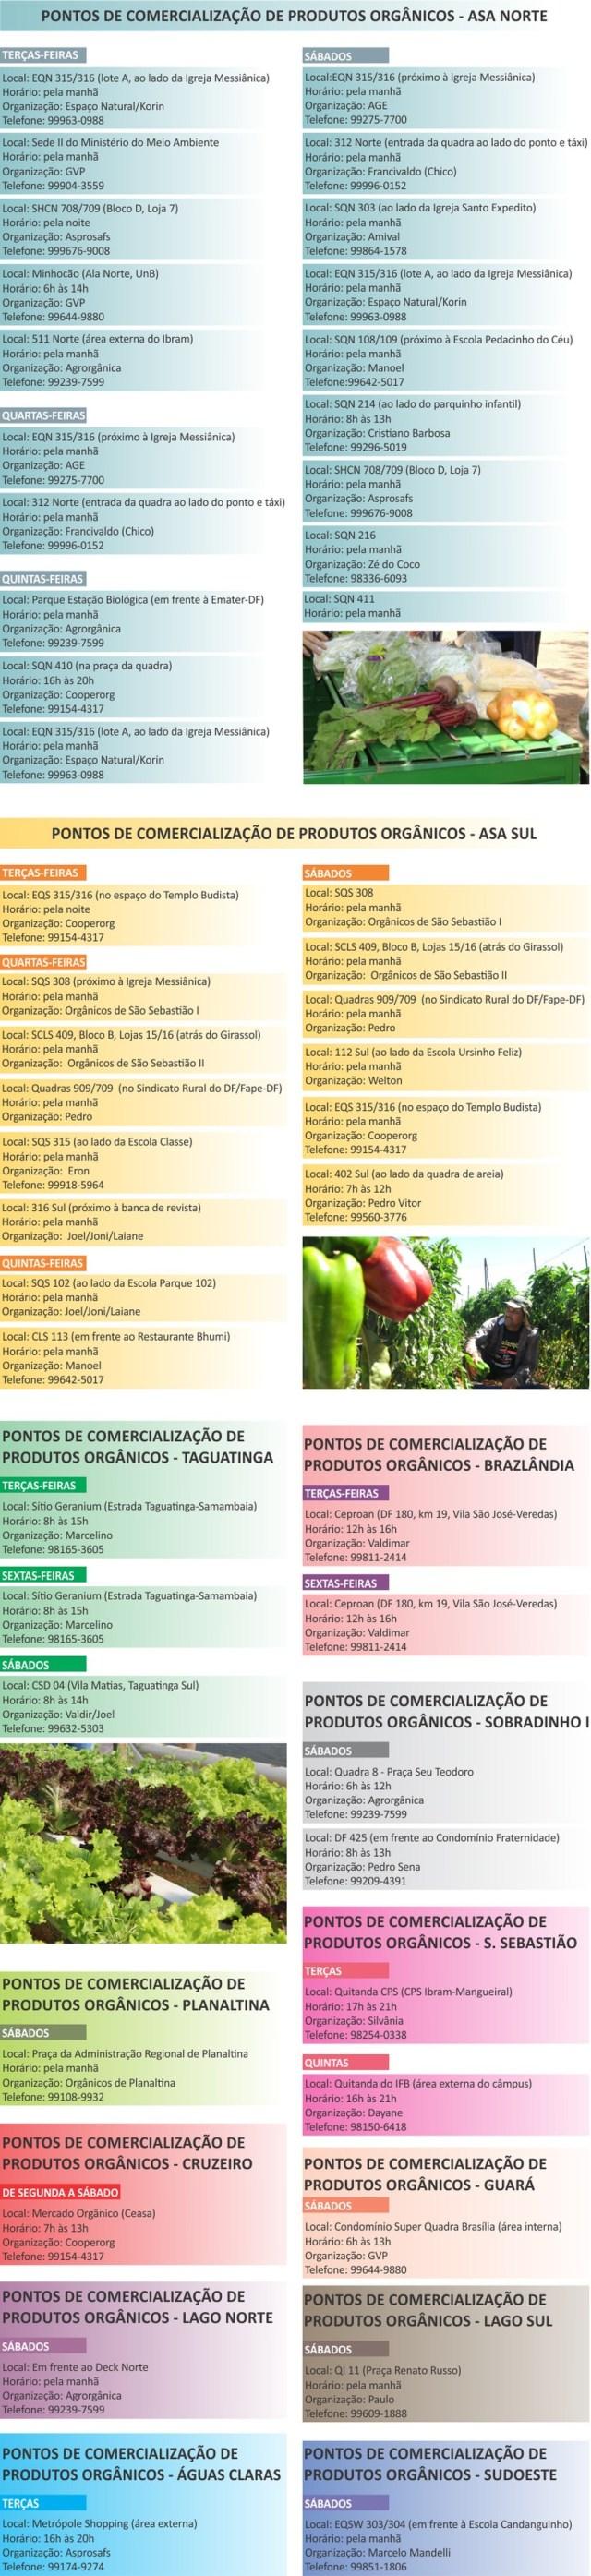 Governo do Distrito Federal divulga lista de agricultores que oferecem drive-thru ou delivery — Foto: Emater-DF/Divulgação